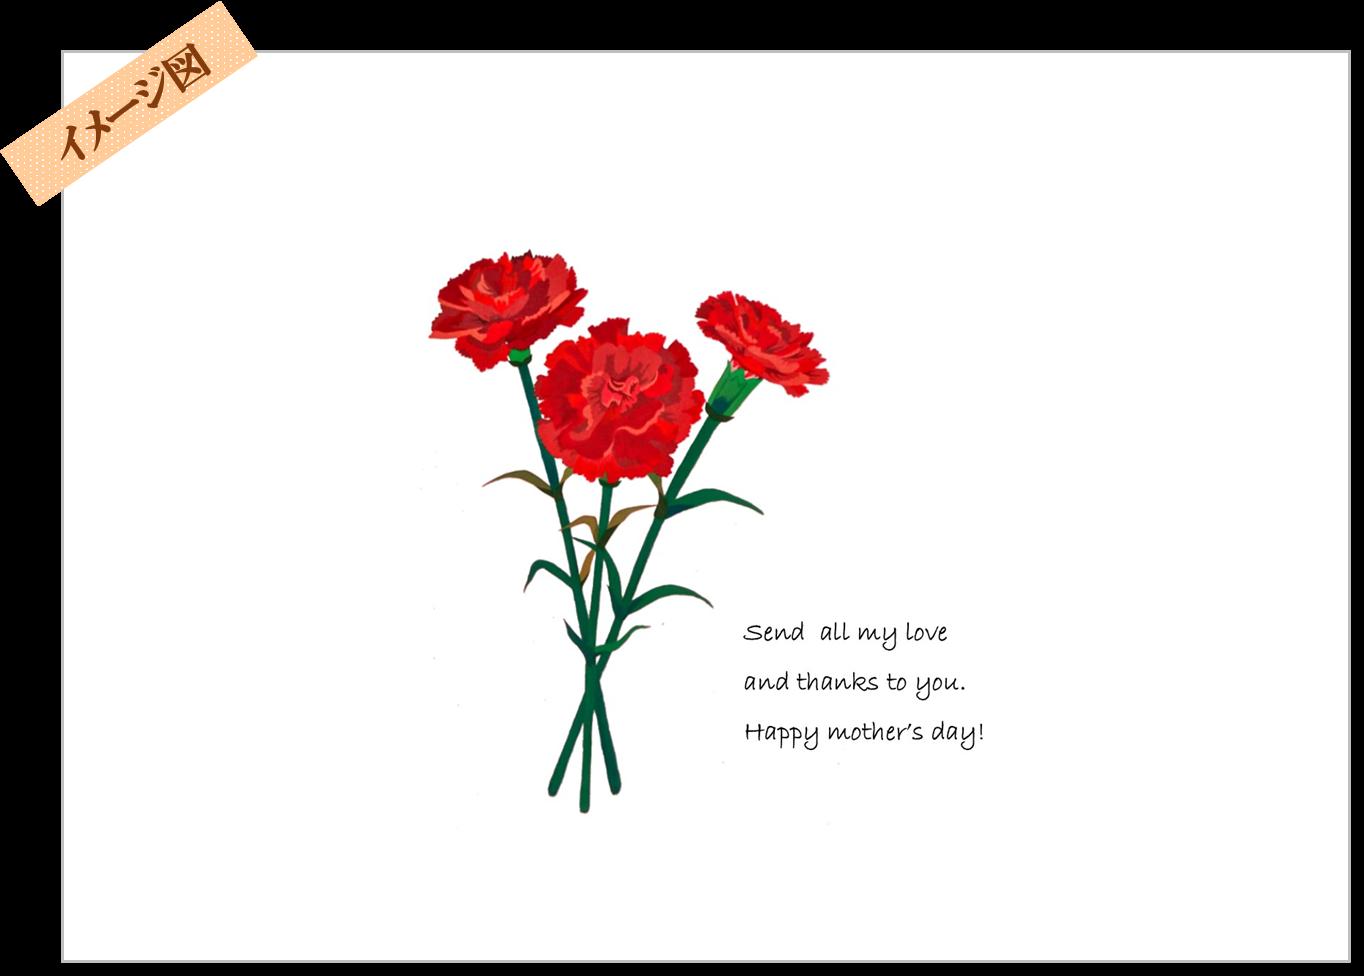 母の日熨斗イメージ図